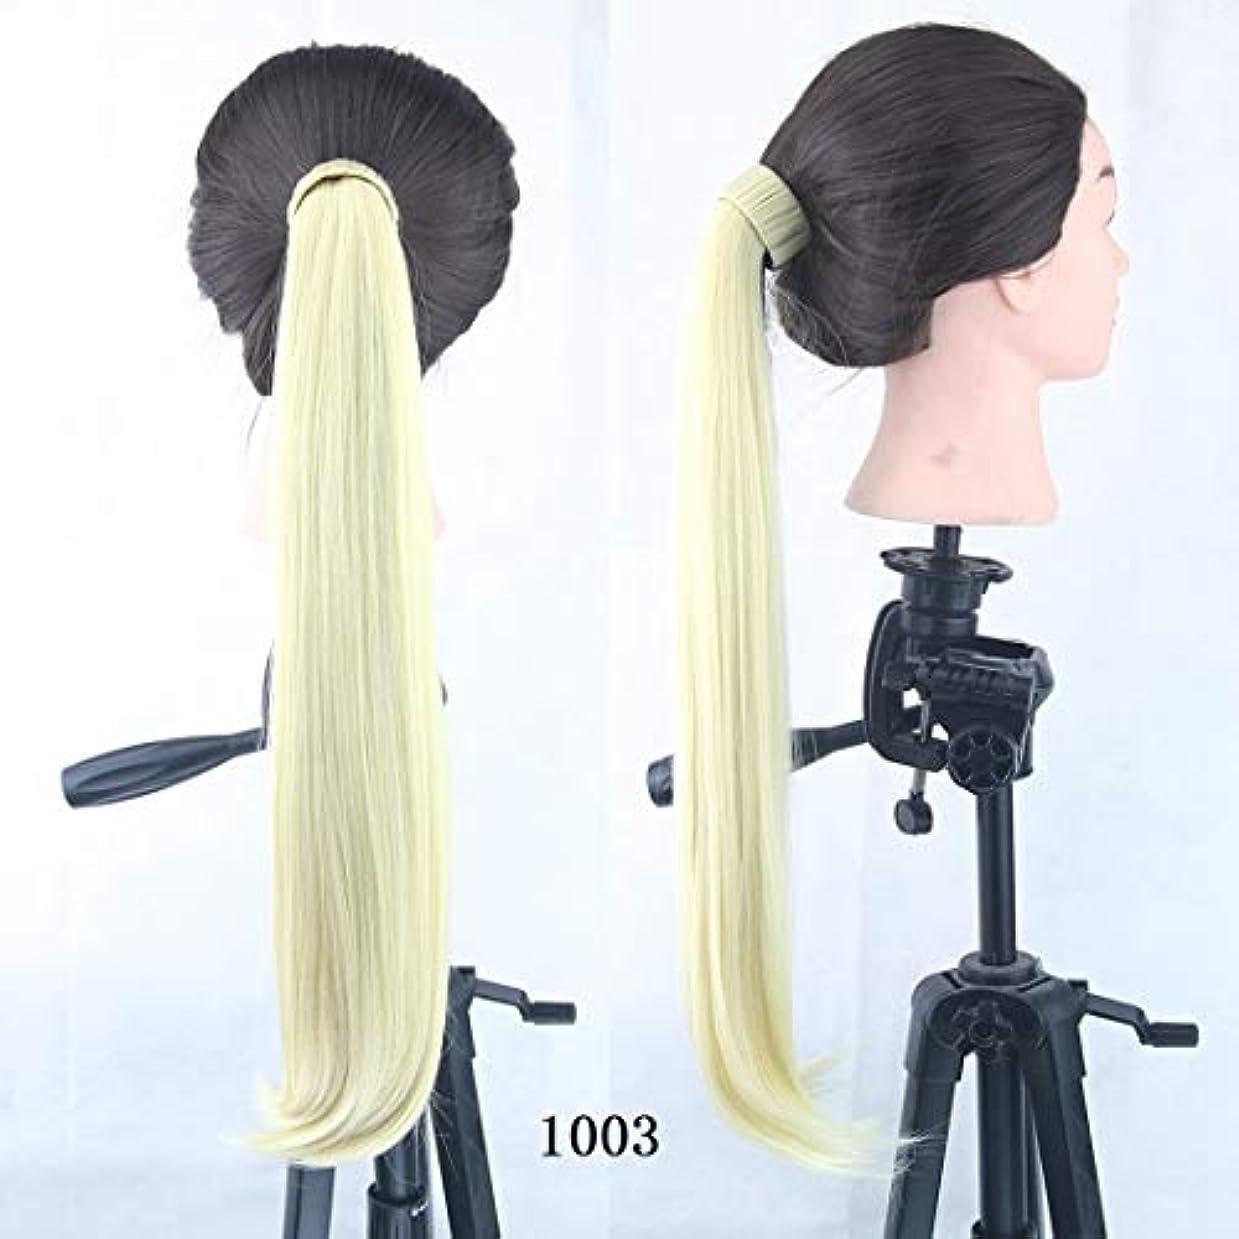 グラディスラテン見る人JIANFU マイクロボリュームの破片ポニーテール8色オプションのガールズ金属の破片ポニーテールストレートヘア (Color : Color 1003)